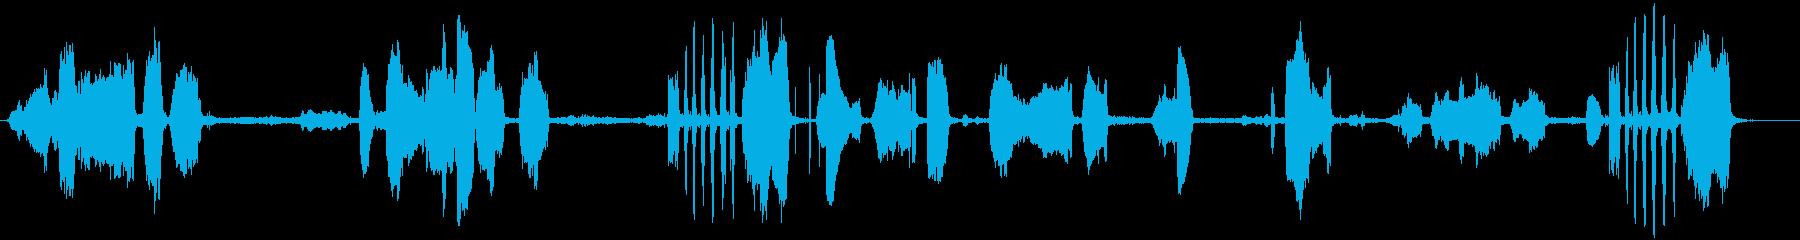 鹿の再生済みの波形